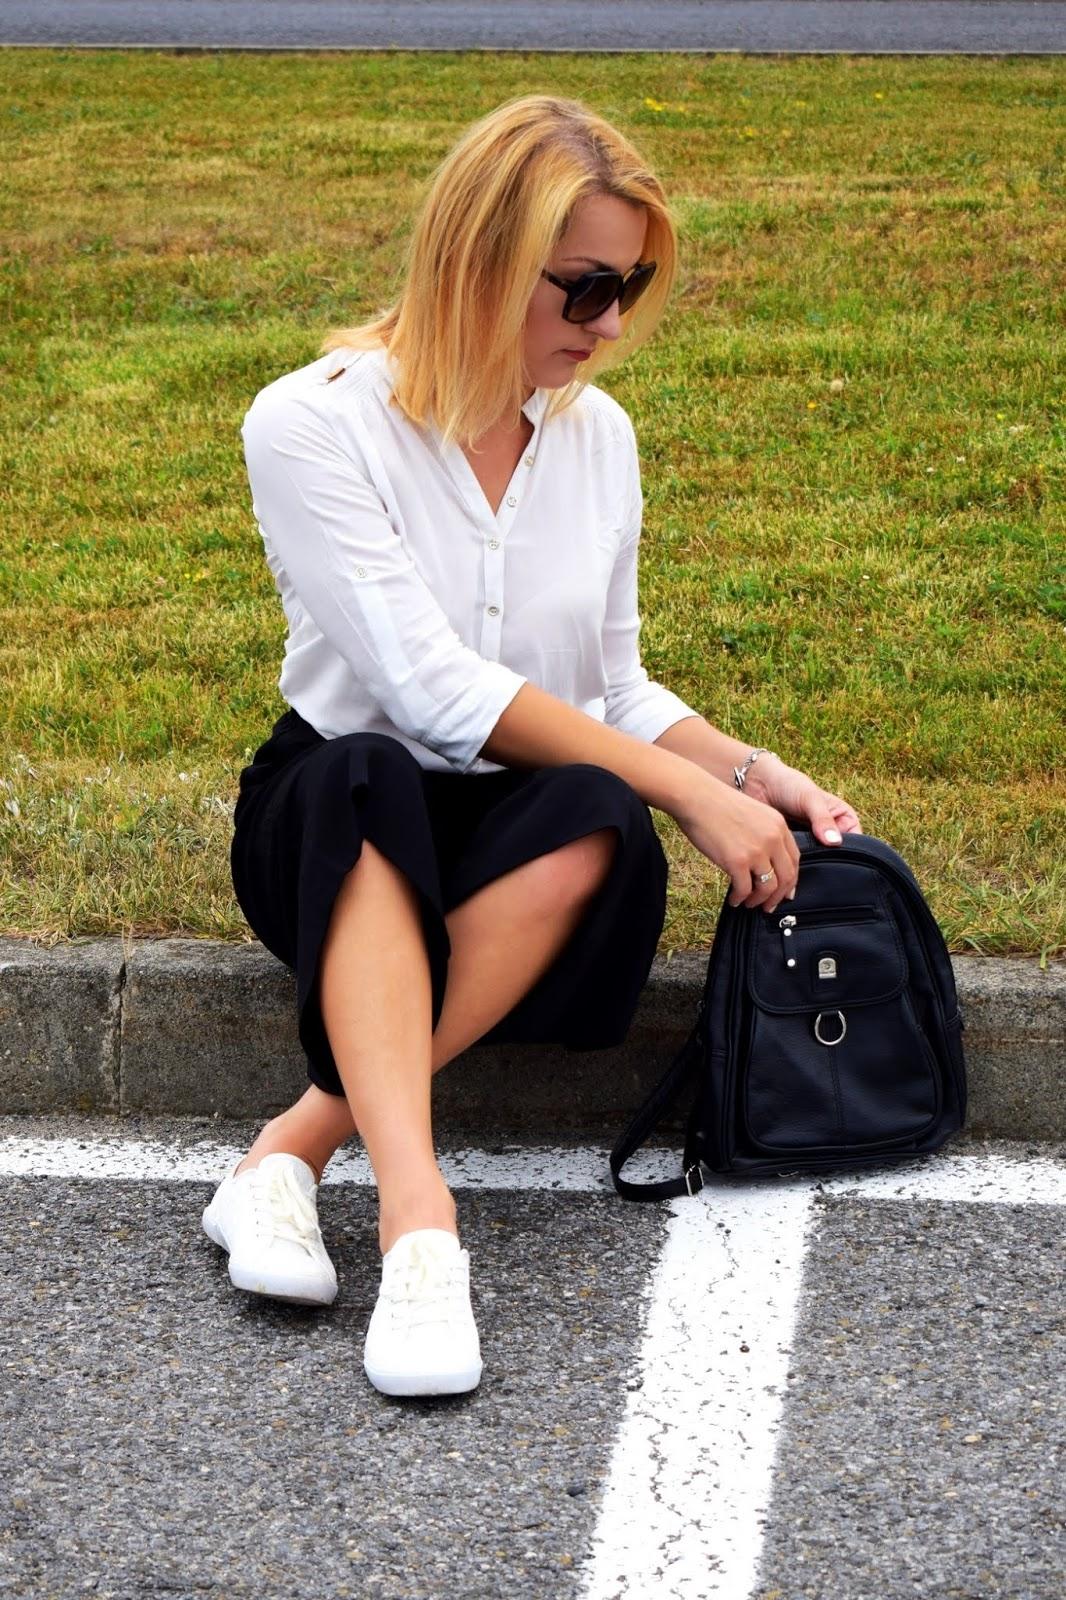 Biała koszula i czarne kuloty